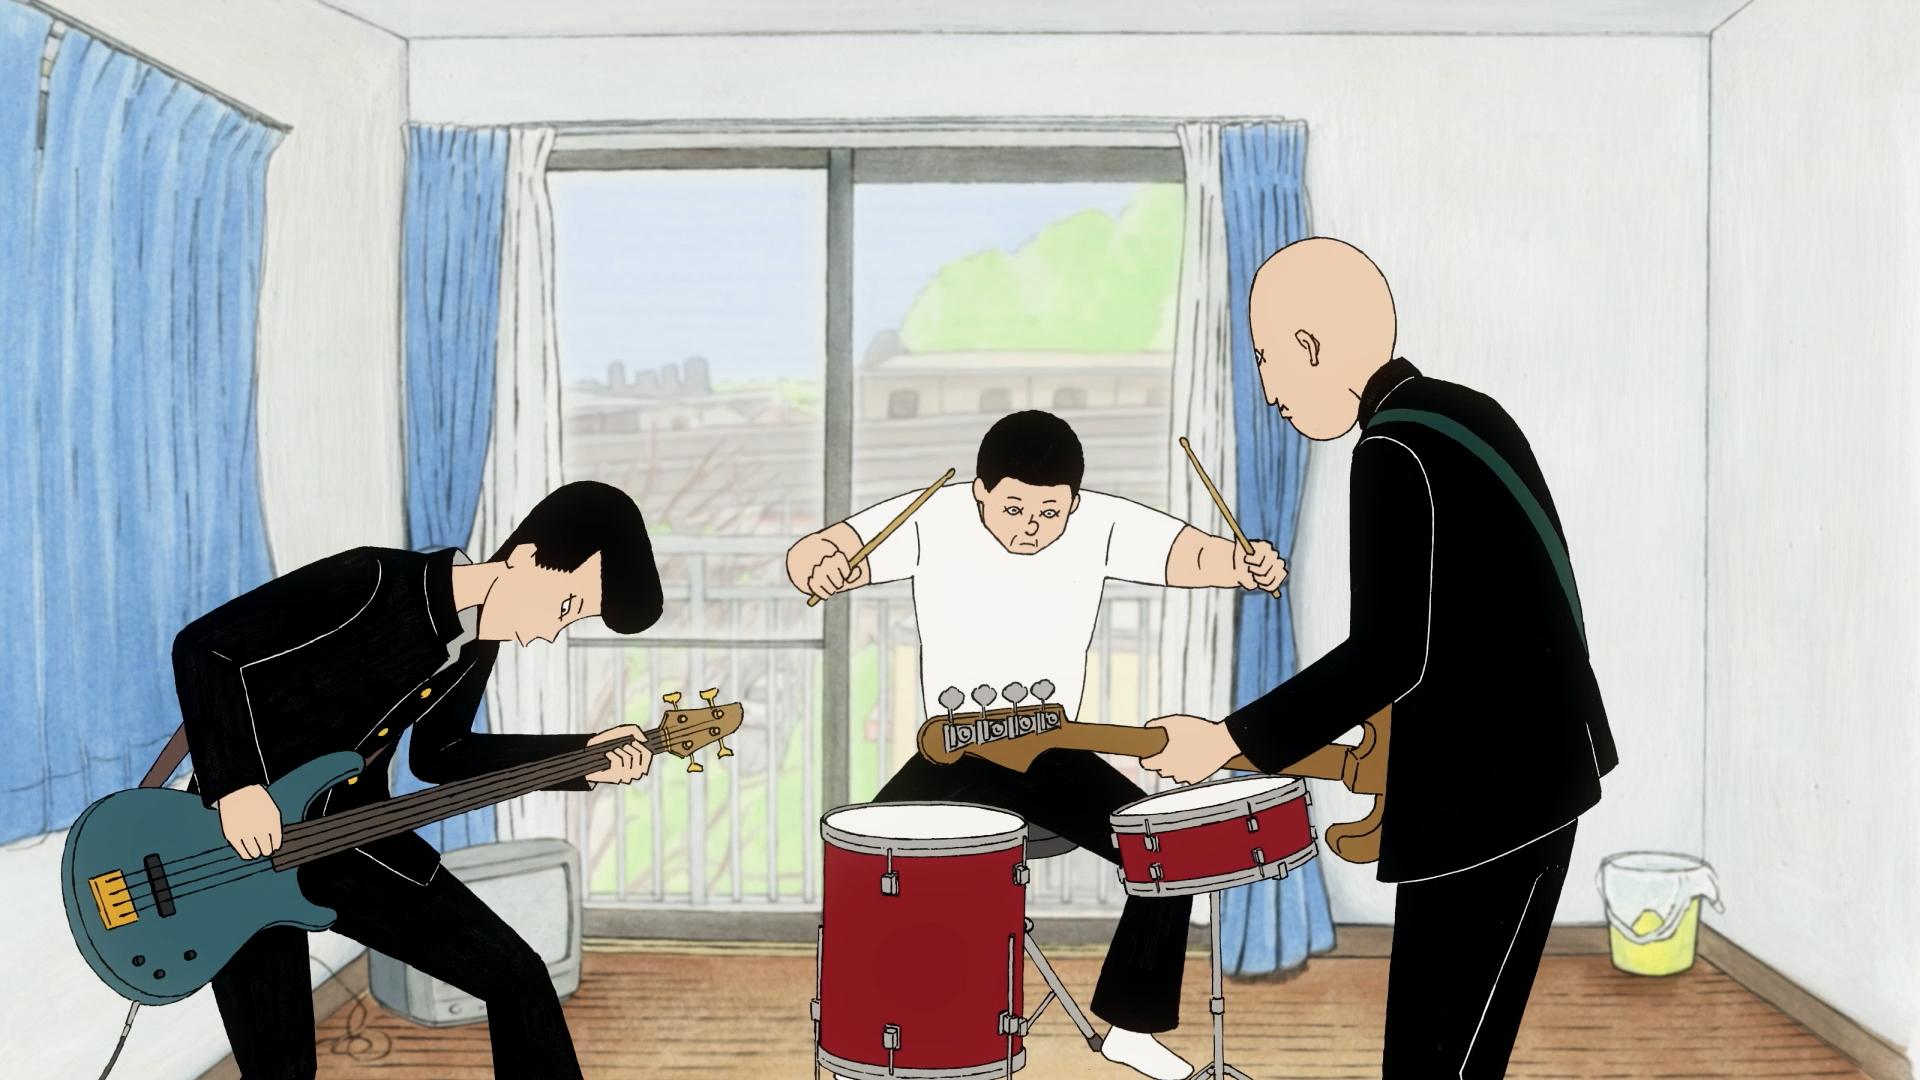 Ota y Kenji tocan el bajo mientras Asakura baila con una batería de dos piezas durante una sesión de práctica improvisada en una escena de la película de anime teatral ON-GAKU: Our Sound.